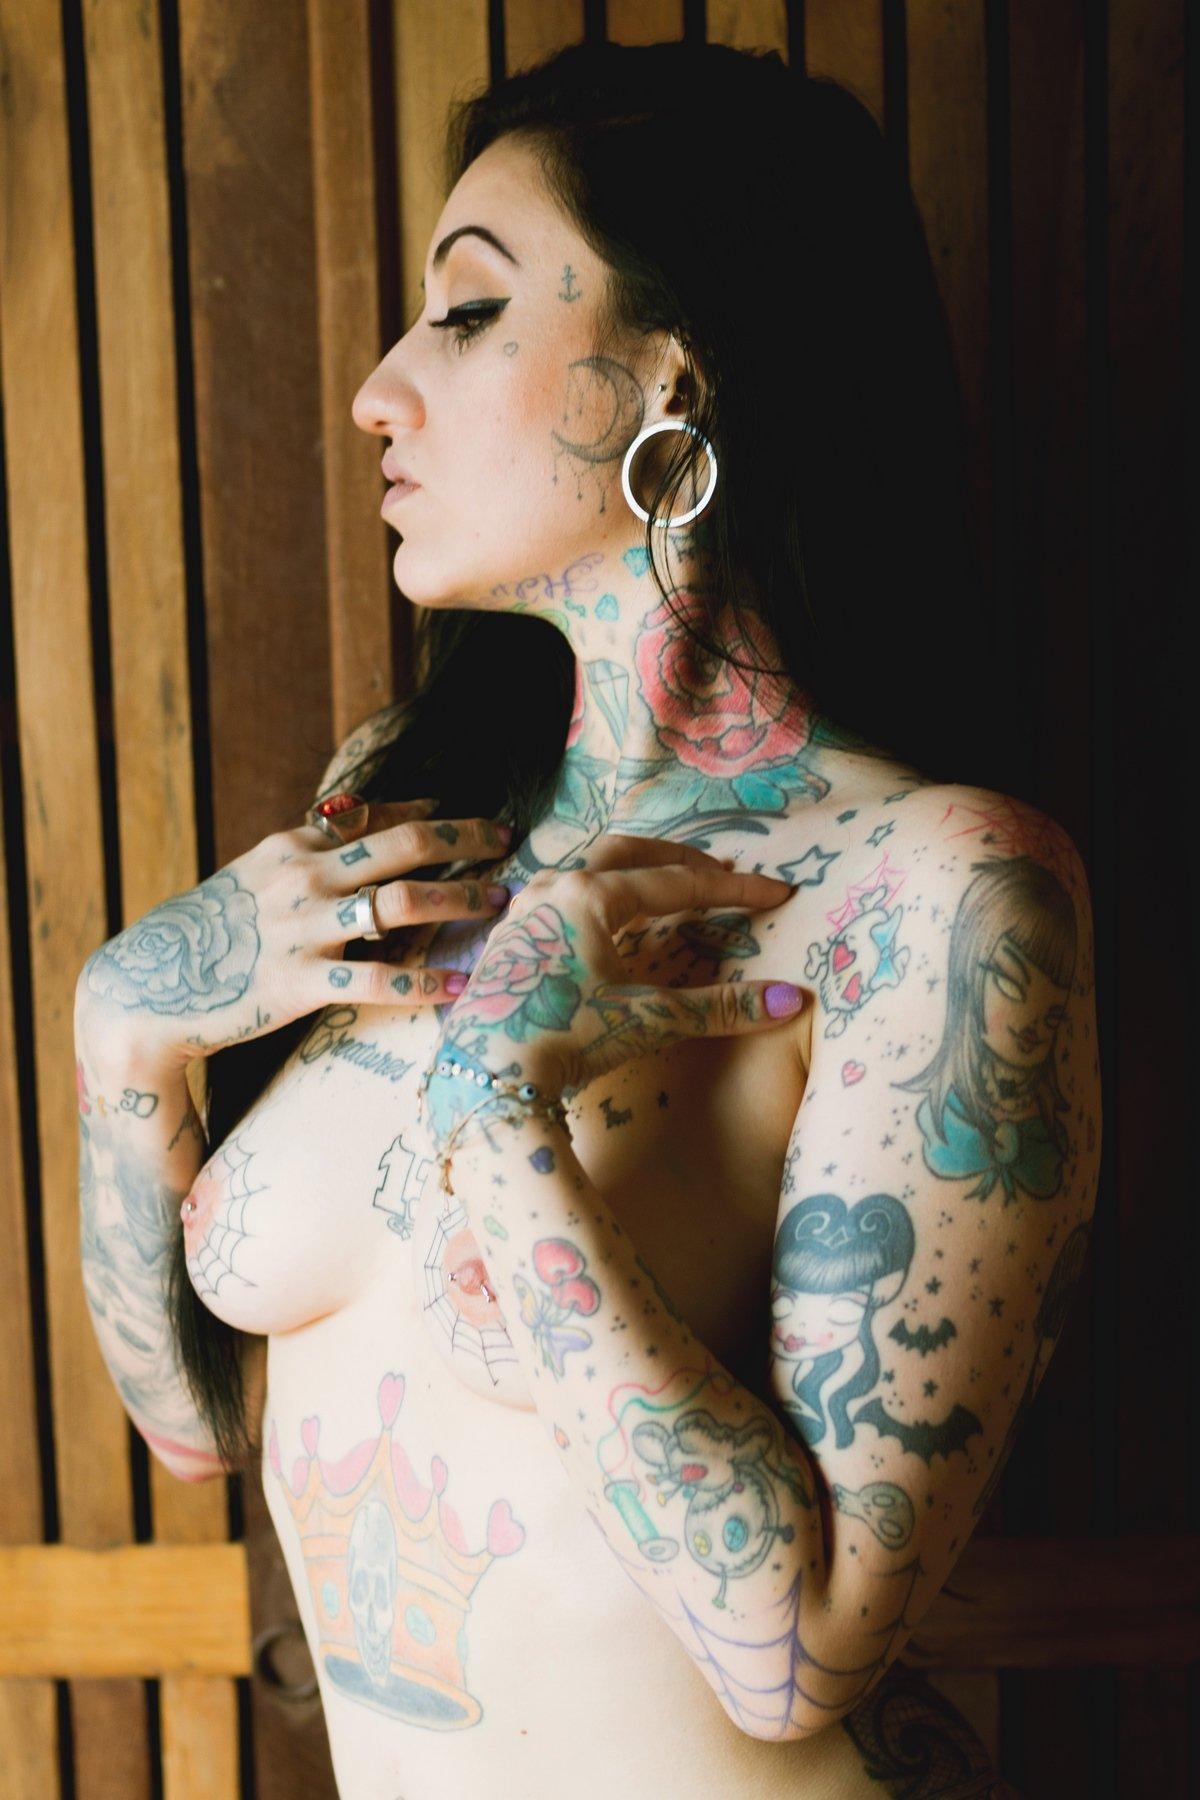 Обнаженная модель с темными волосами с цветными татухами на теле